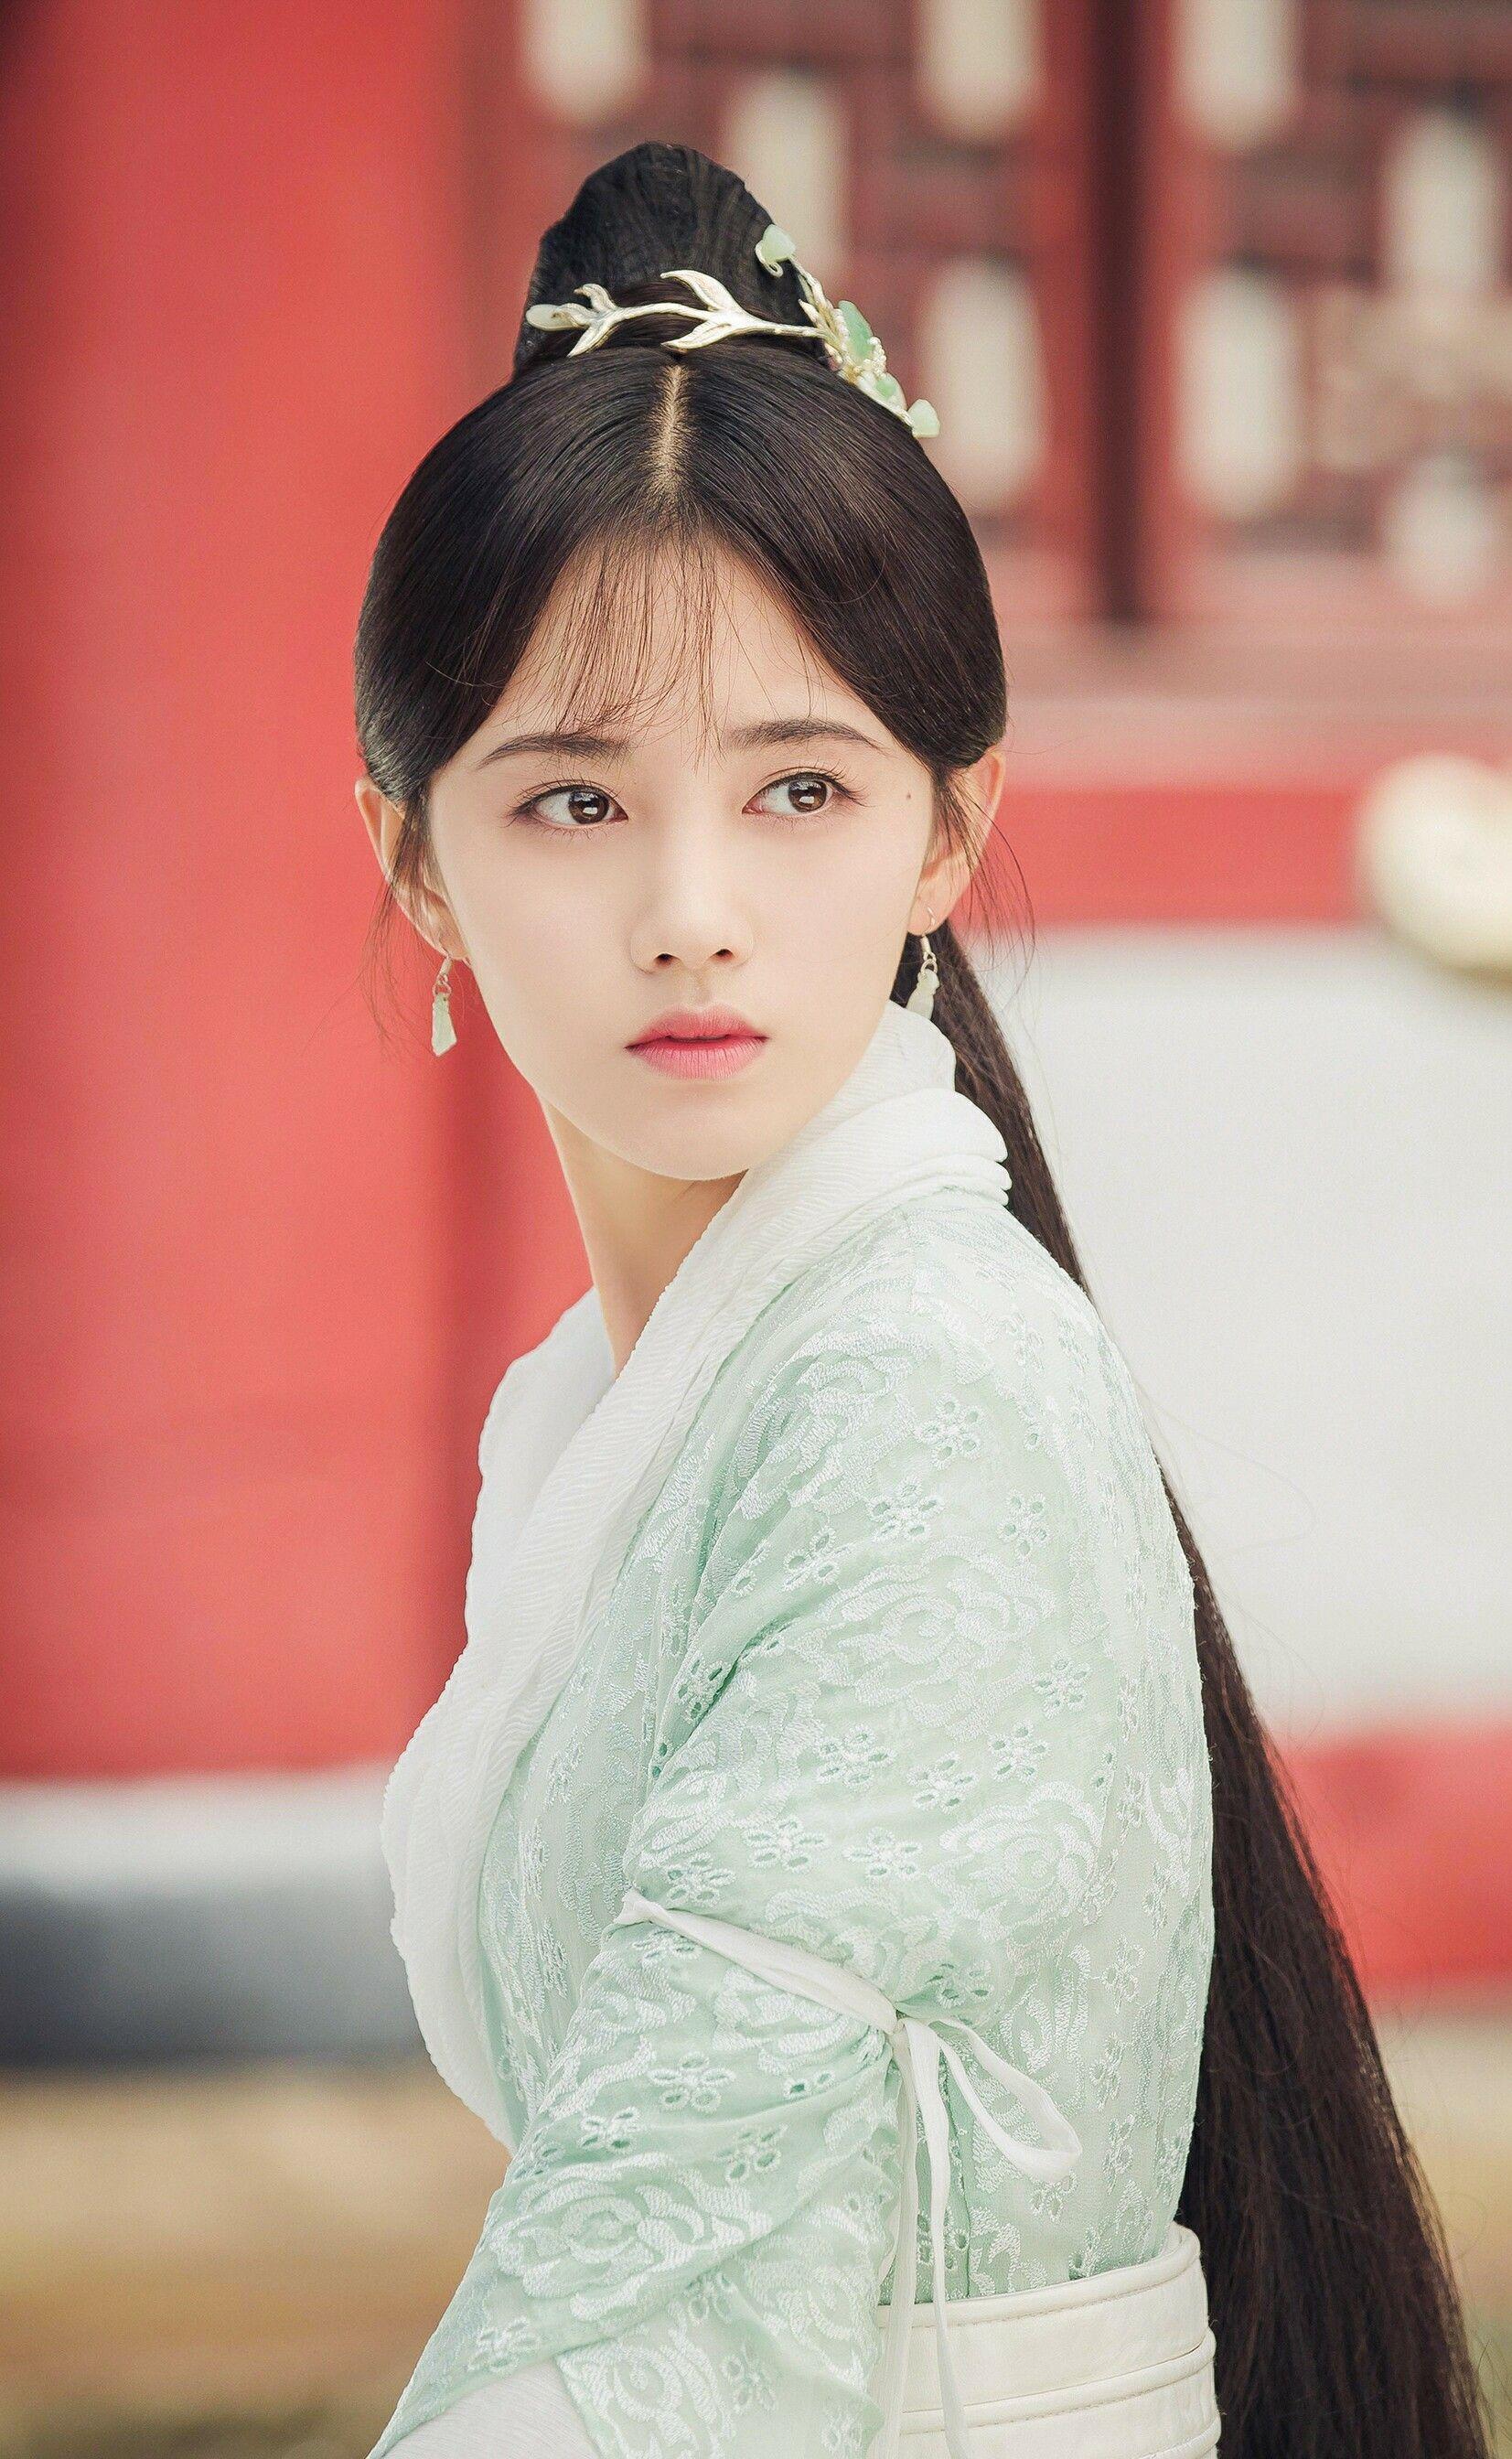 572 รูปภาพที่ดีที่สุดในบอร์ด Cosplay China Girls | จีน, คอสเพลย์ ...